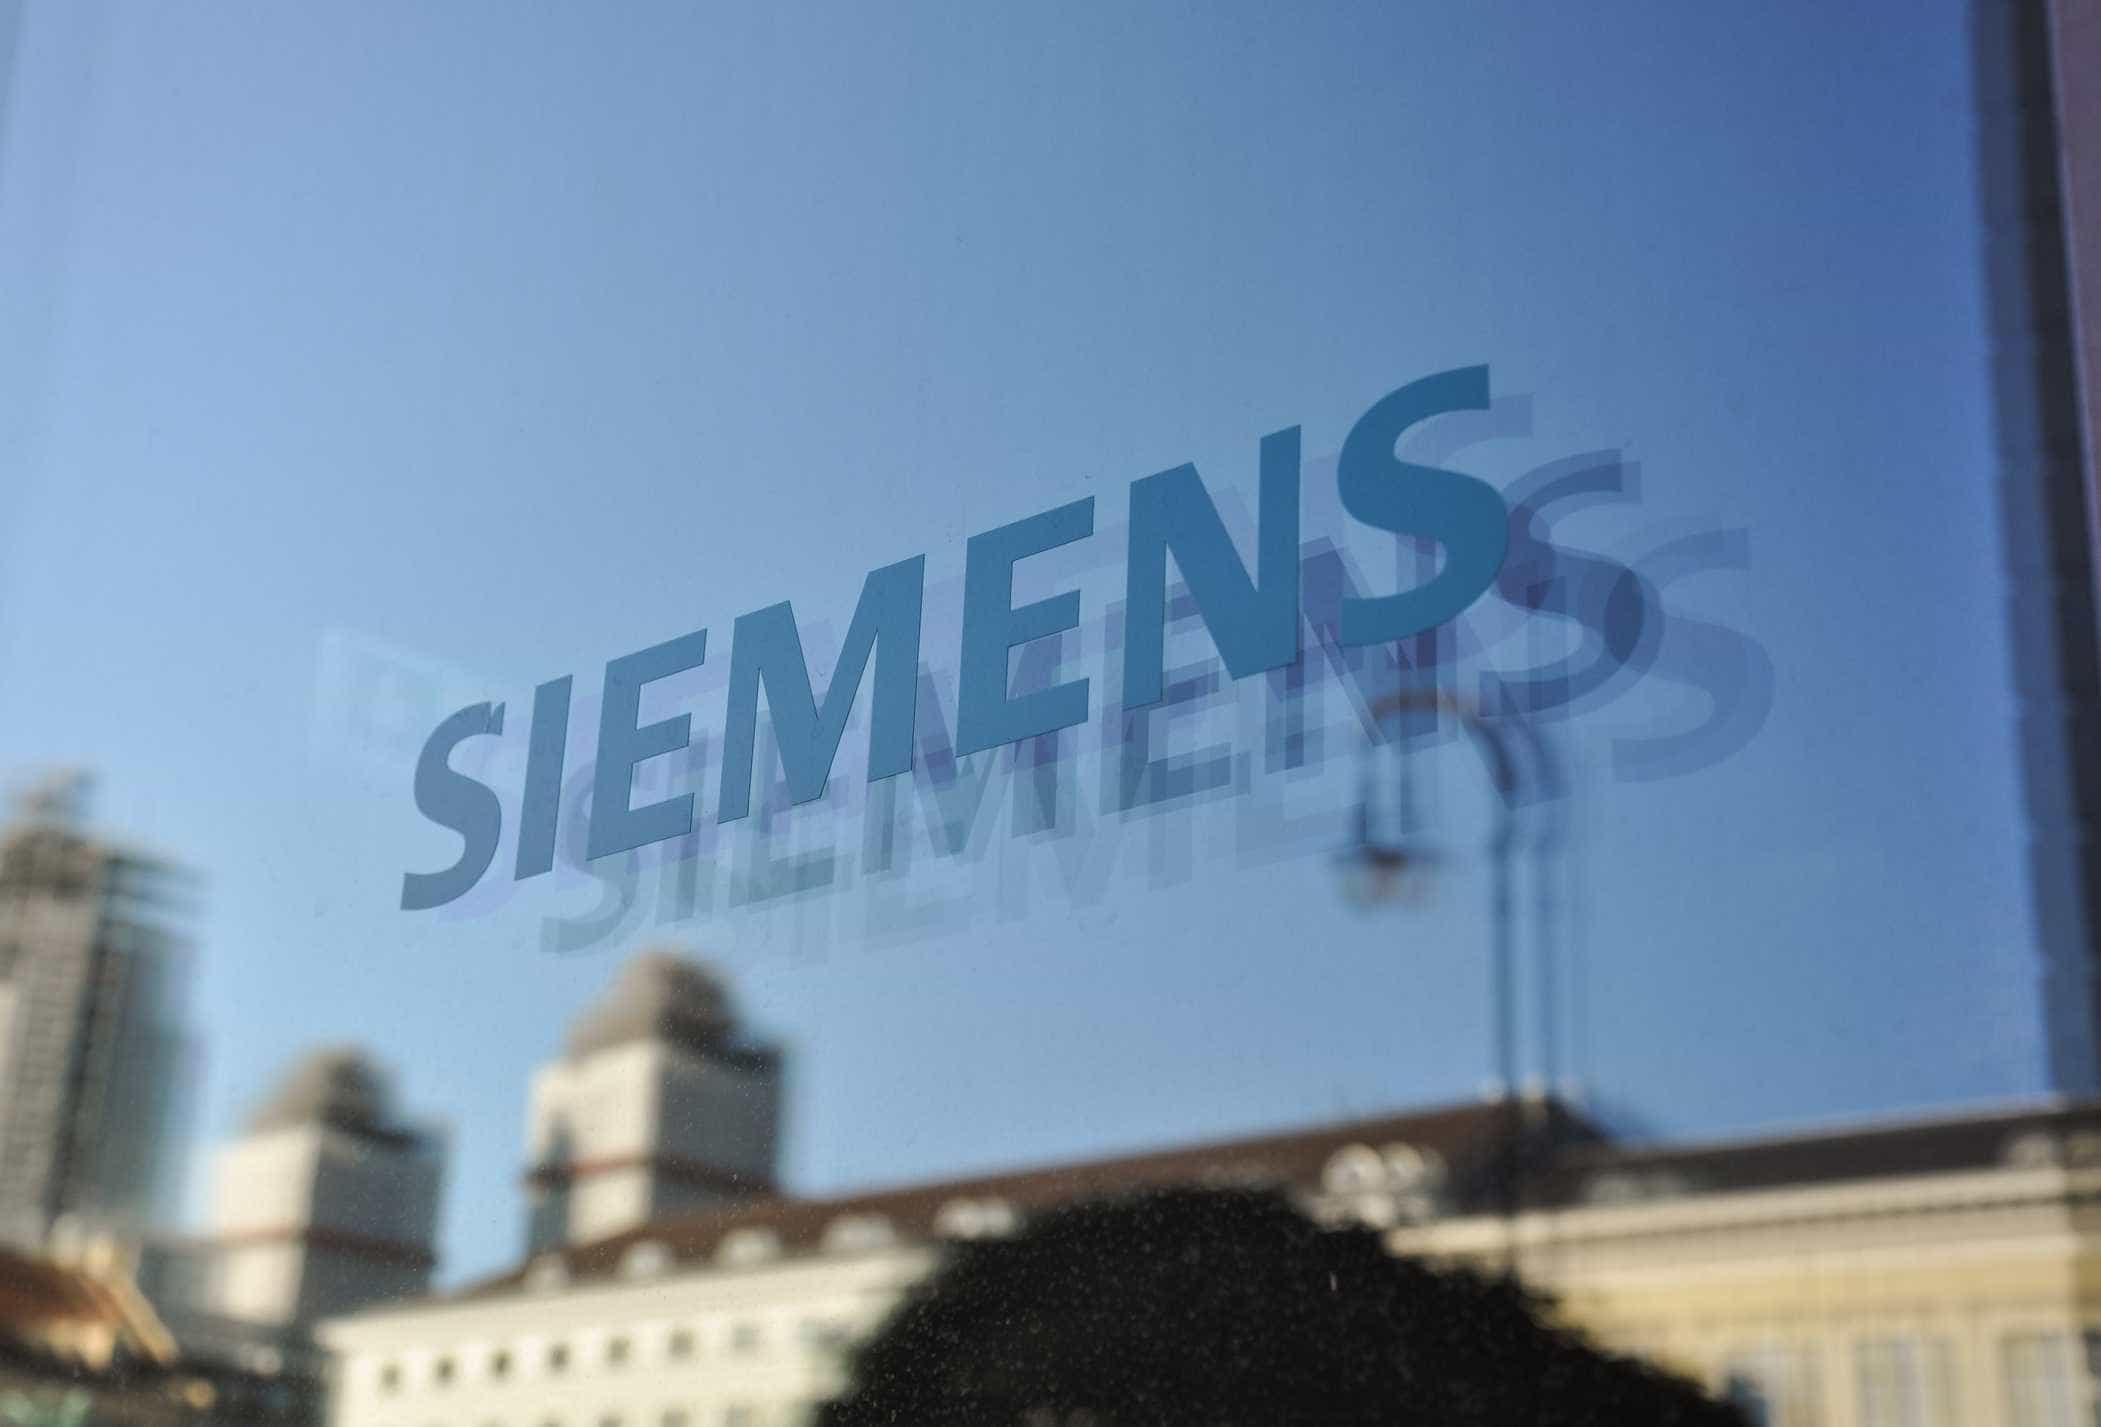 Siemens distribui cerca de 400 milhões de euros... por colaboradores